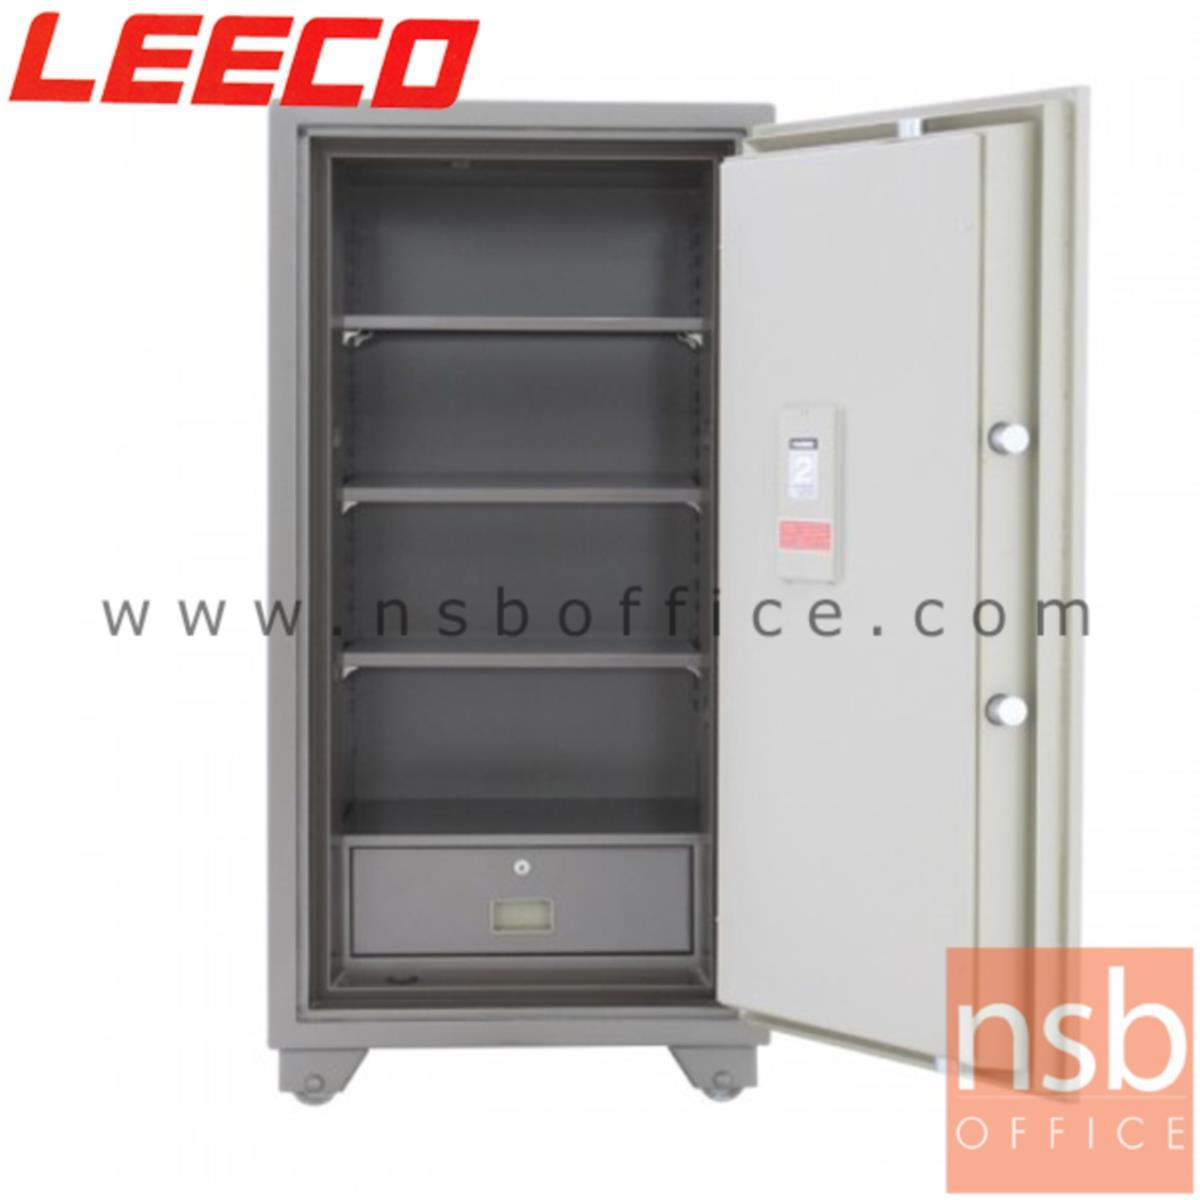 ตุ้เซฟดิจิตอล 350 กก. ลีโก้ รุ่น LEECO-703-XPL มี 1 กุญแจ 1 รหัส